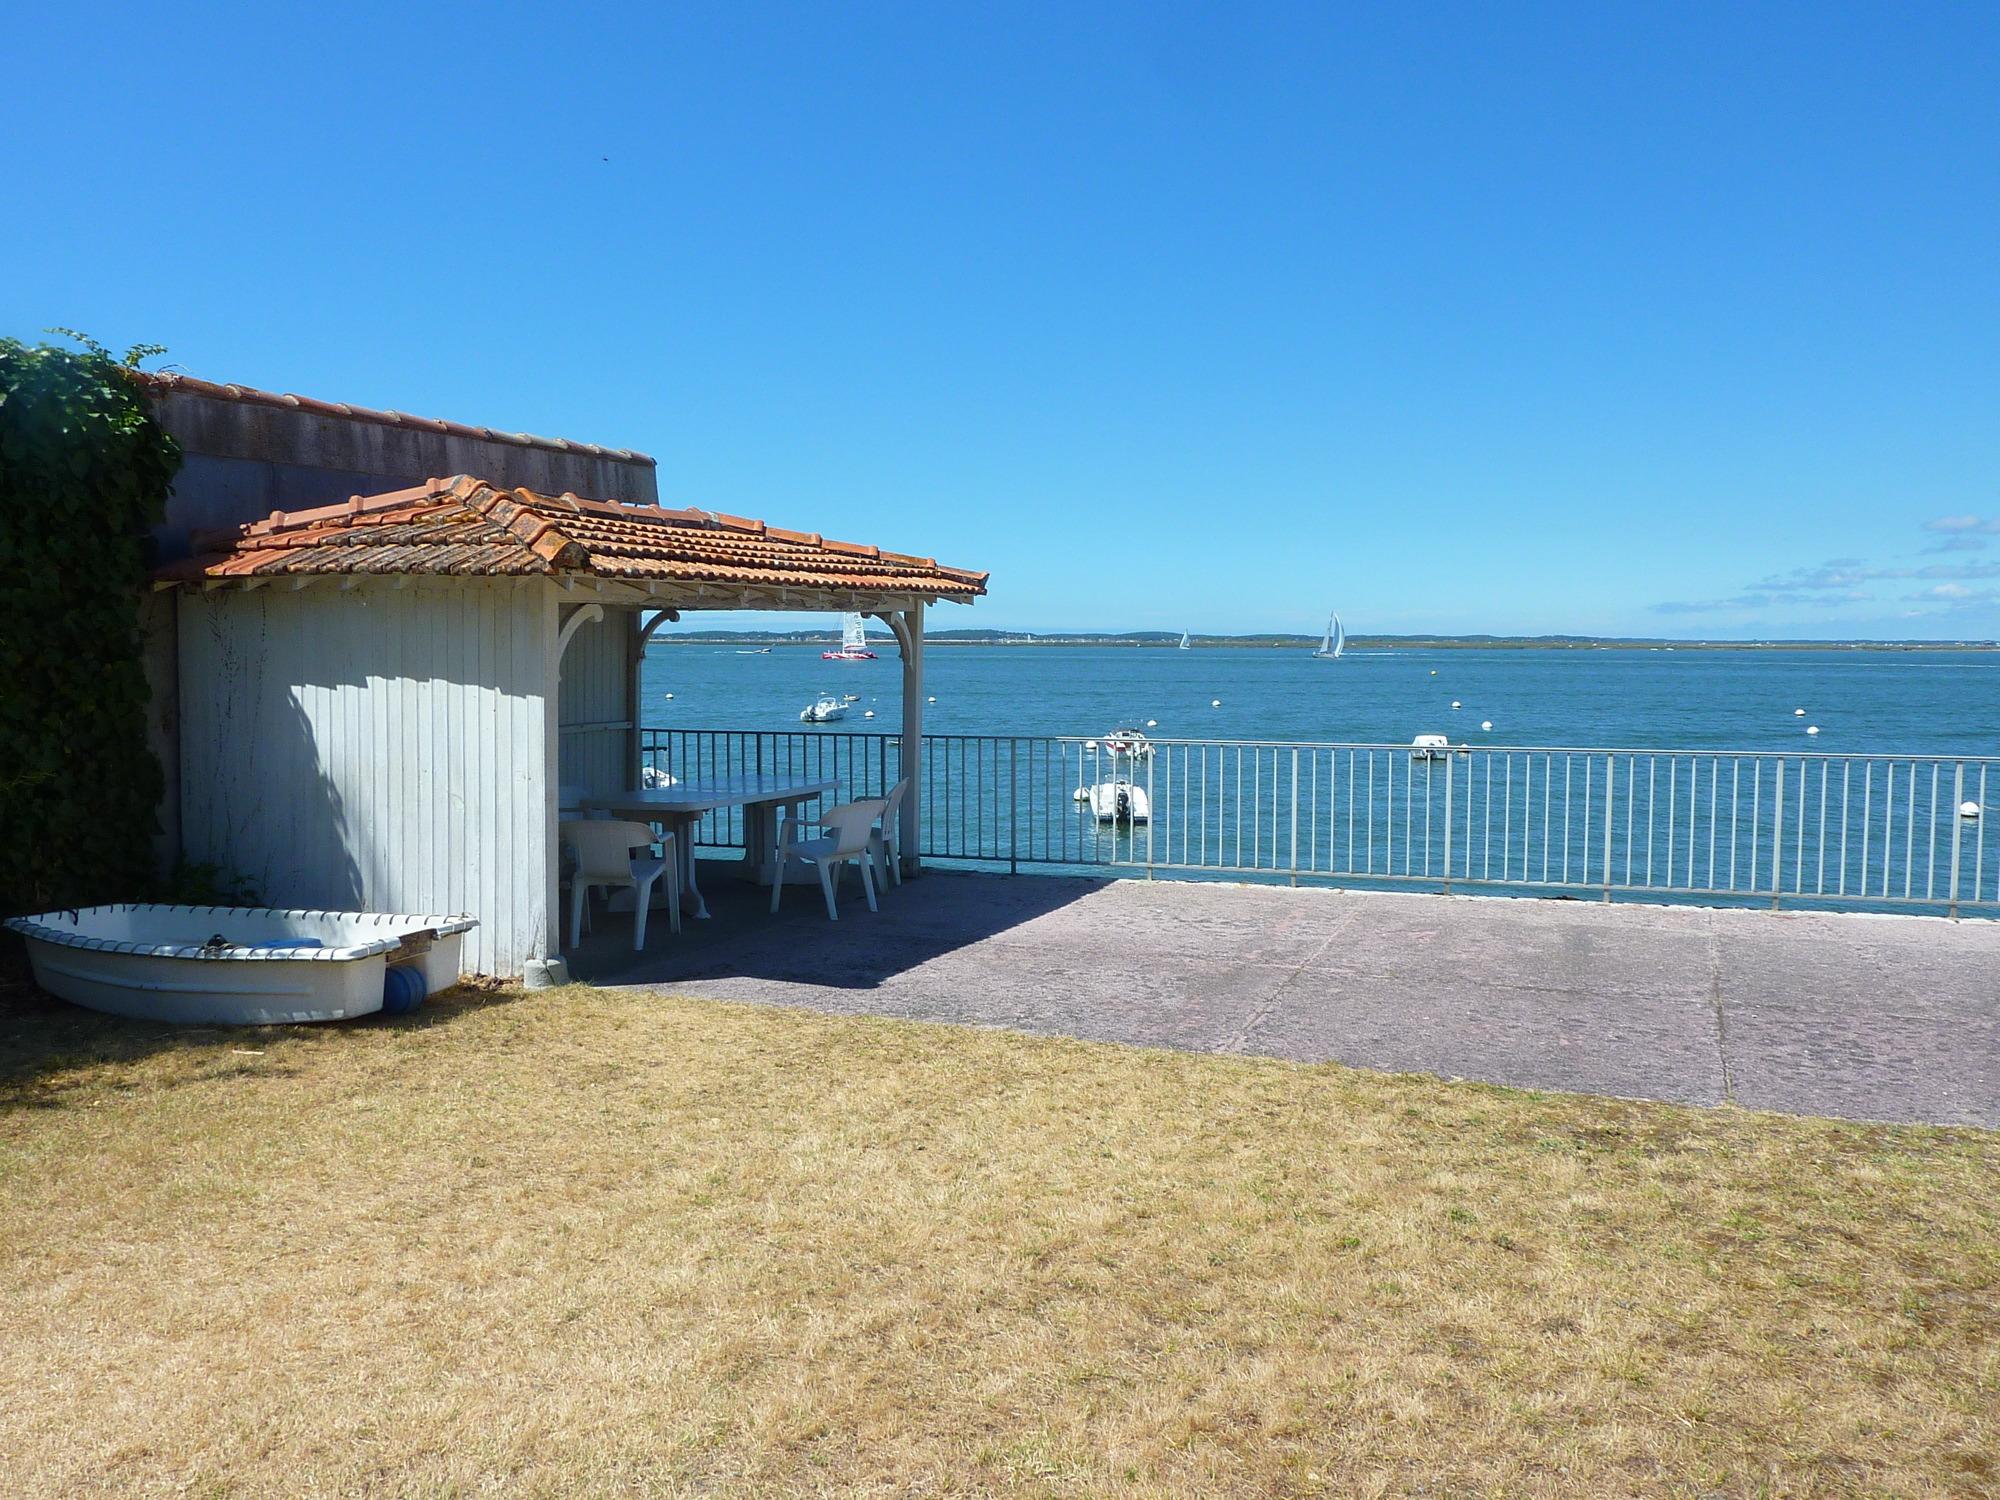 Arcachon appartement de bord de mer acc s direct la plage barnes bassin d 39 arcachon - Maison bassin d arcachon location nice ...